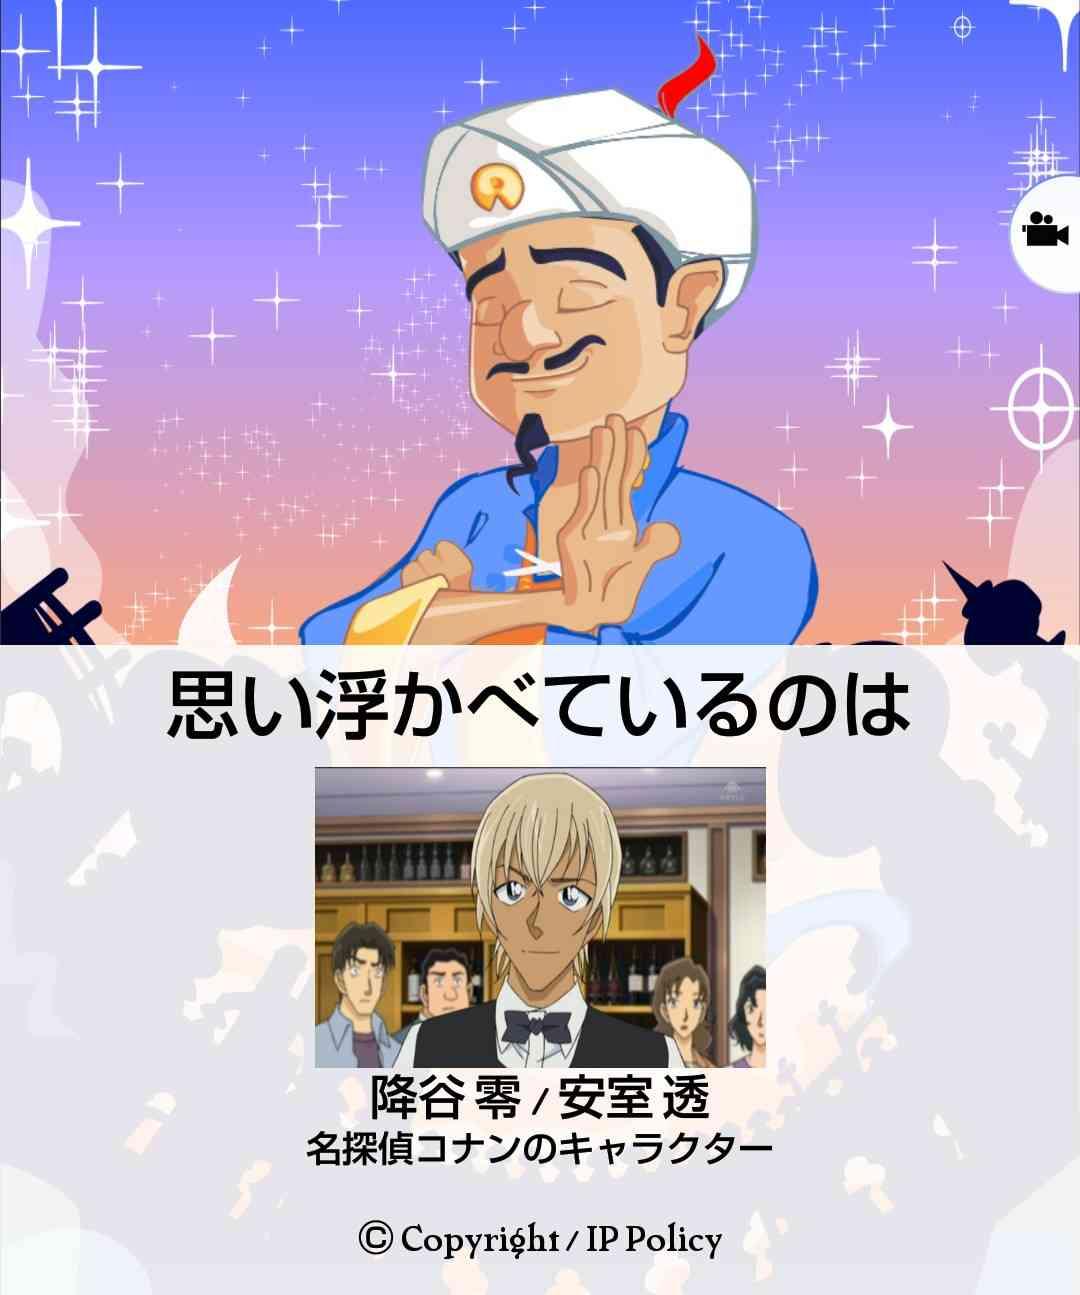 劇場版『名探偵コナン』6年連続興収記録更新 高山みなみ&古谷徹がコメント